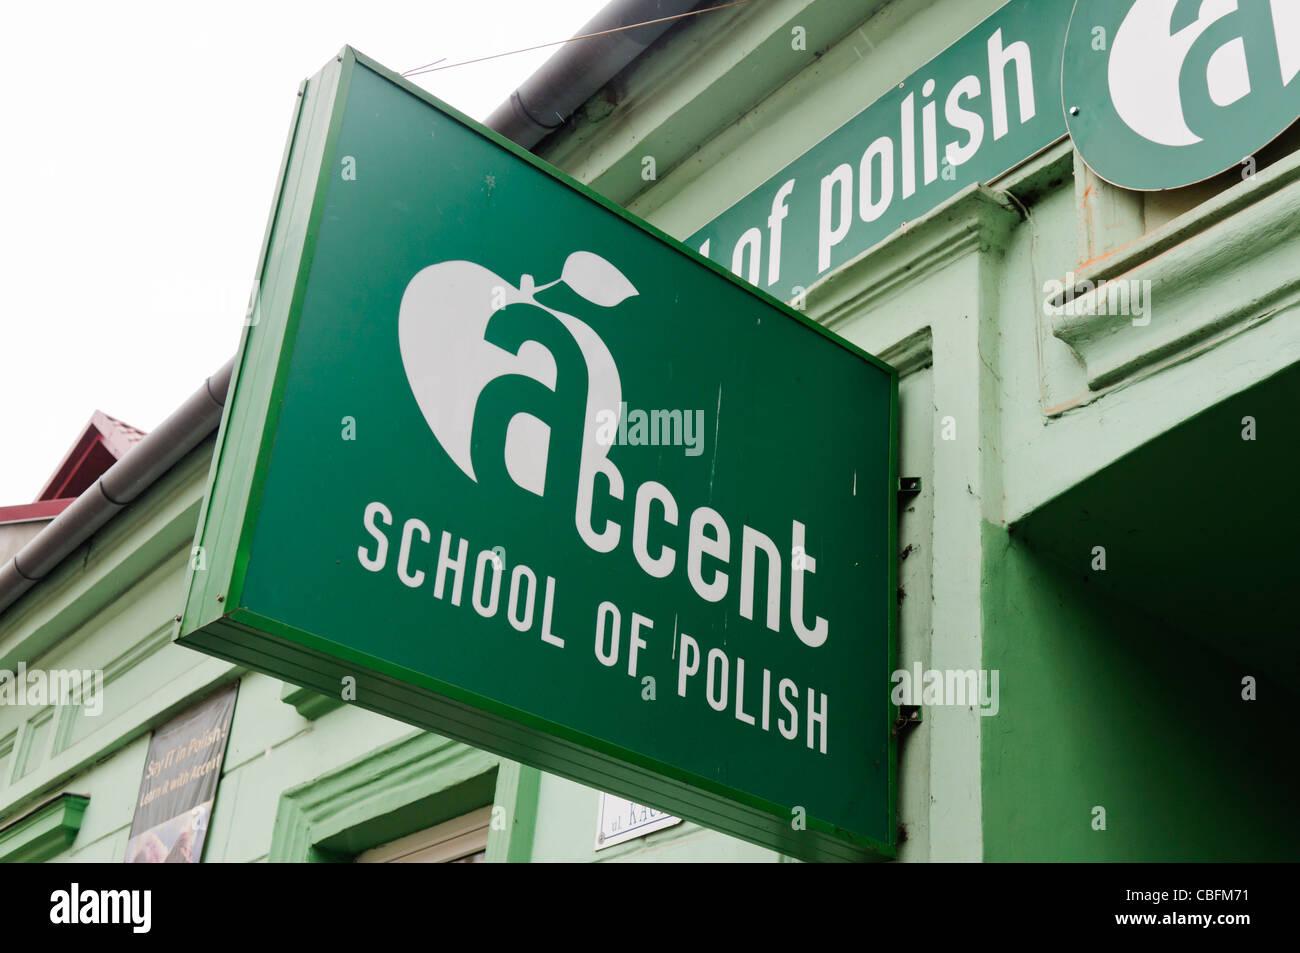 Scuola di accento del polacco, per i residenti stranieri che desiderano imparare il polacco Immagini Stock